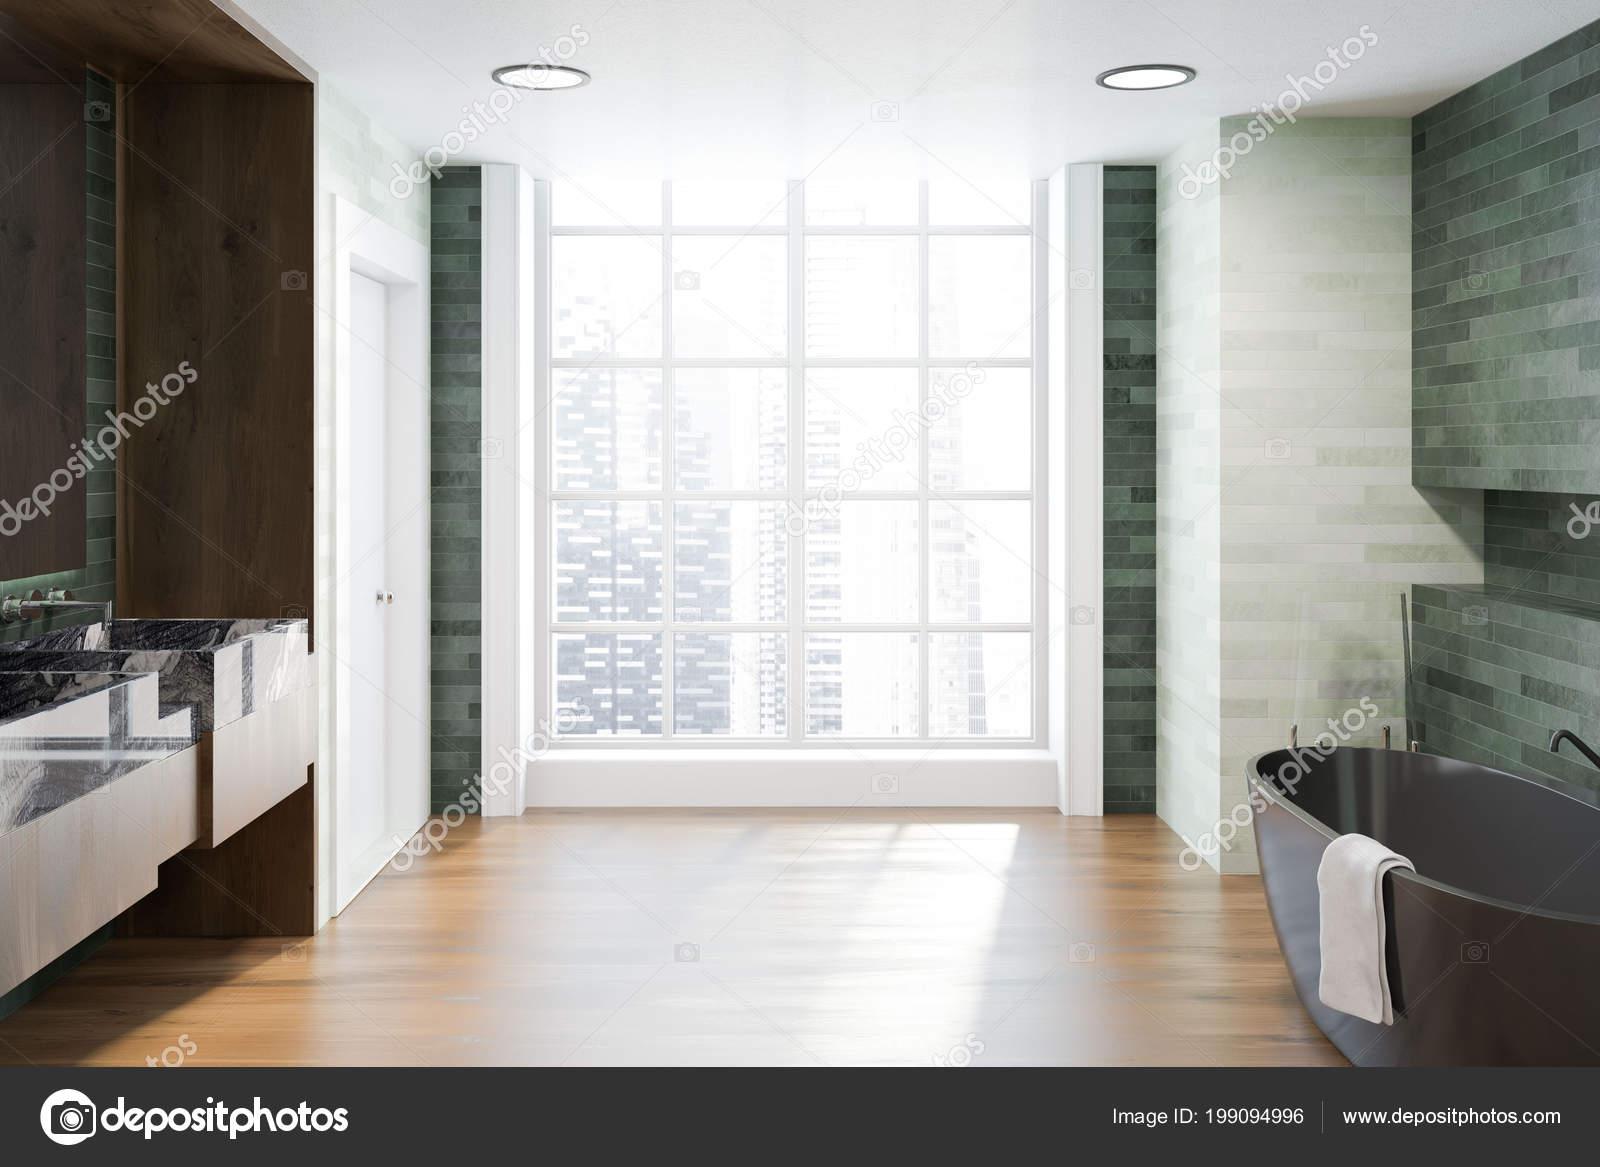 Luxe Badkamer Interieur : Luxe badkamer interieur met smaragd witte muren een houten vloer